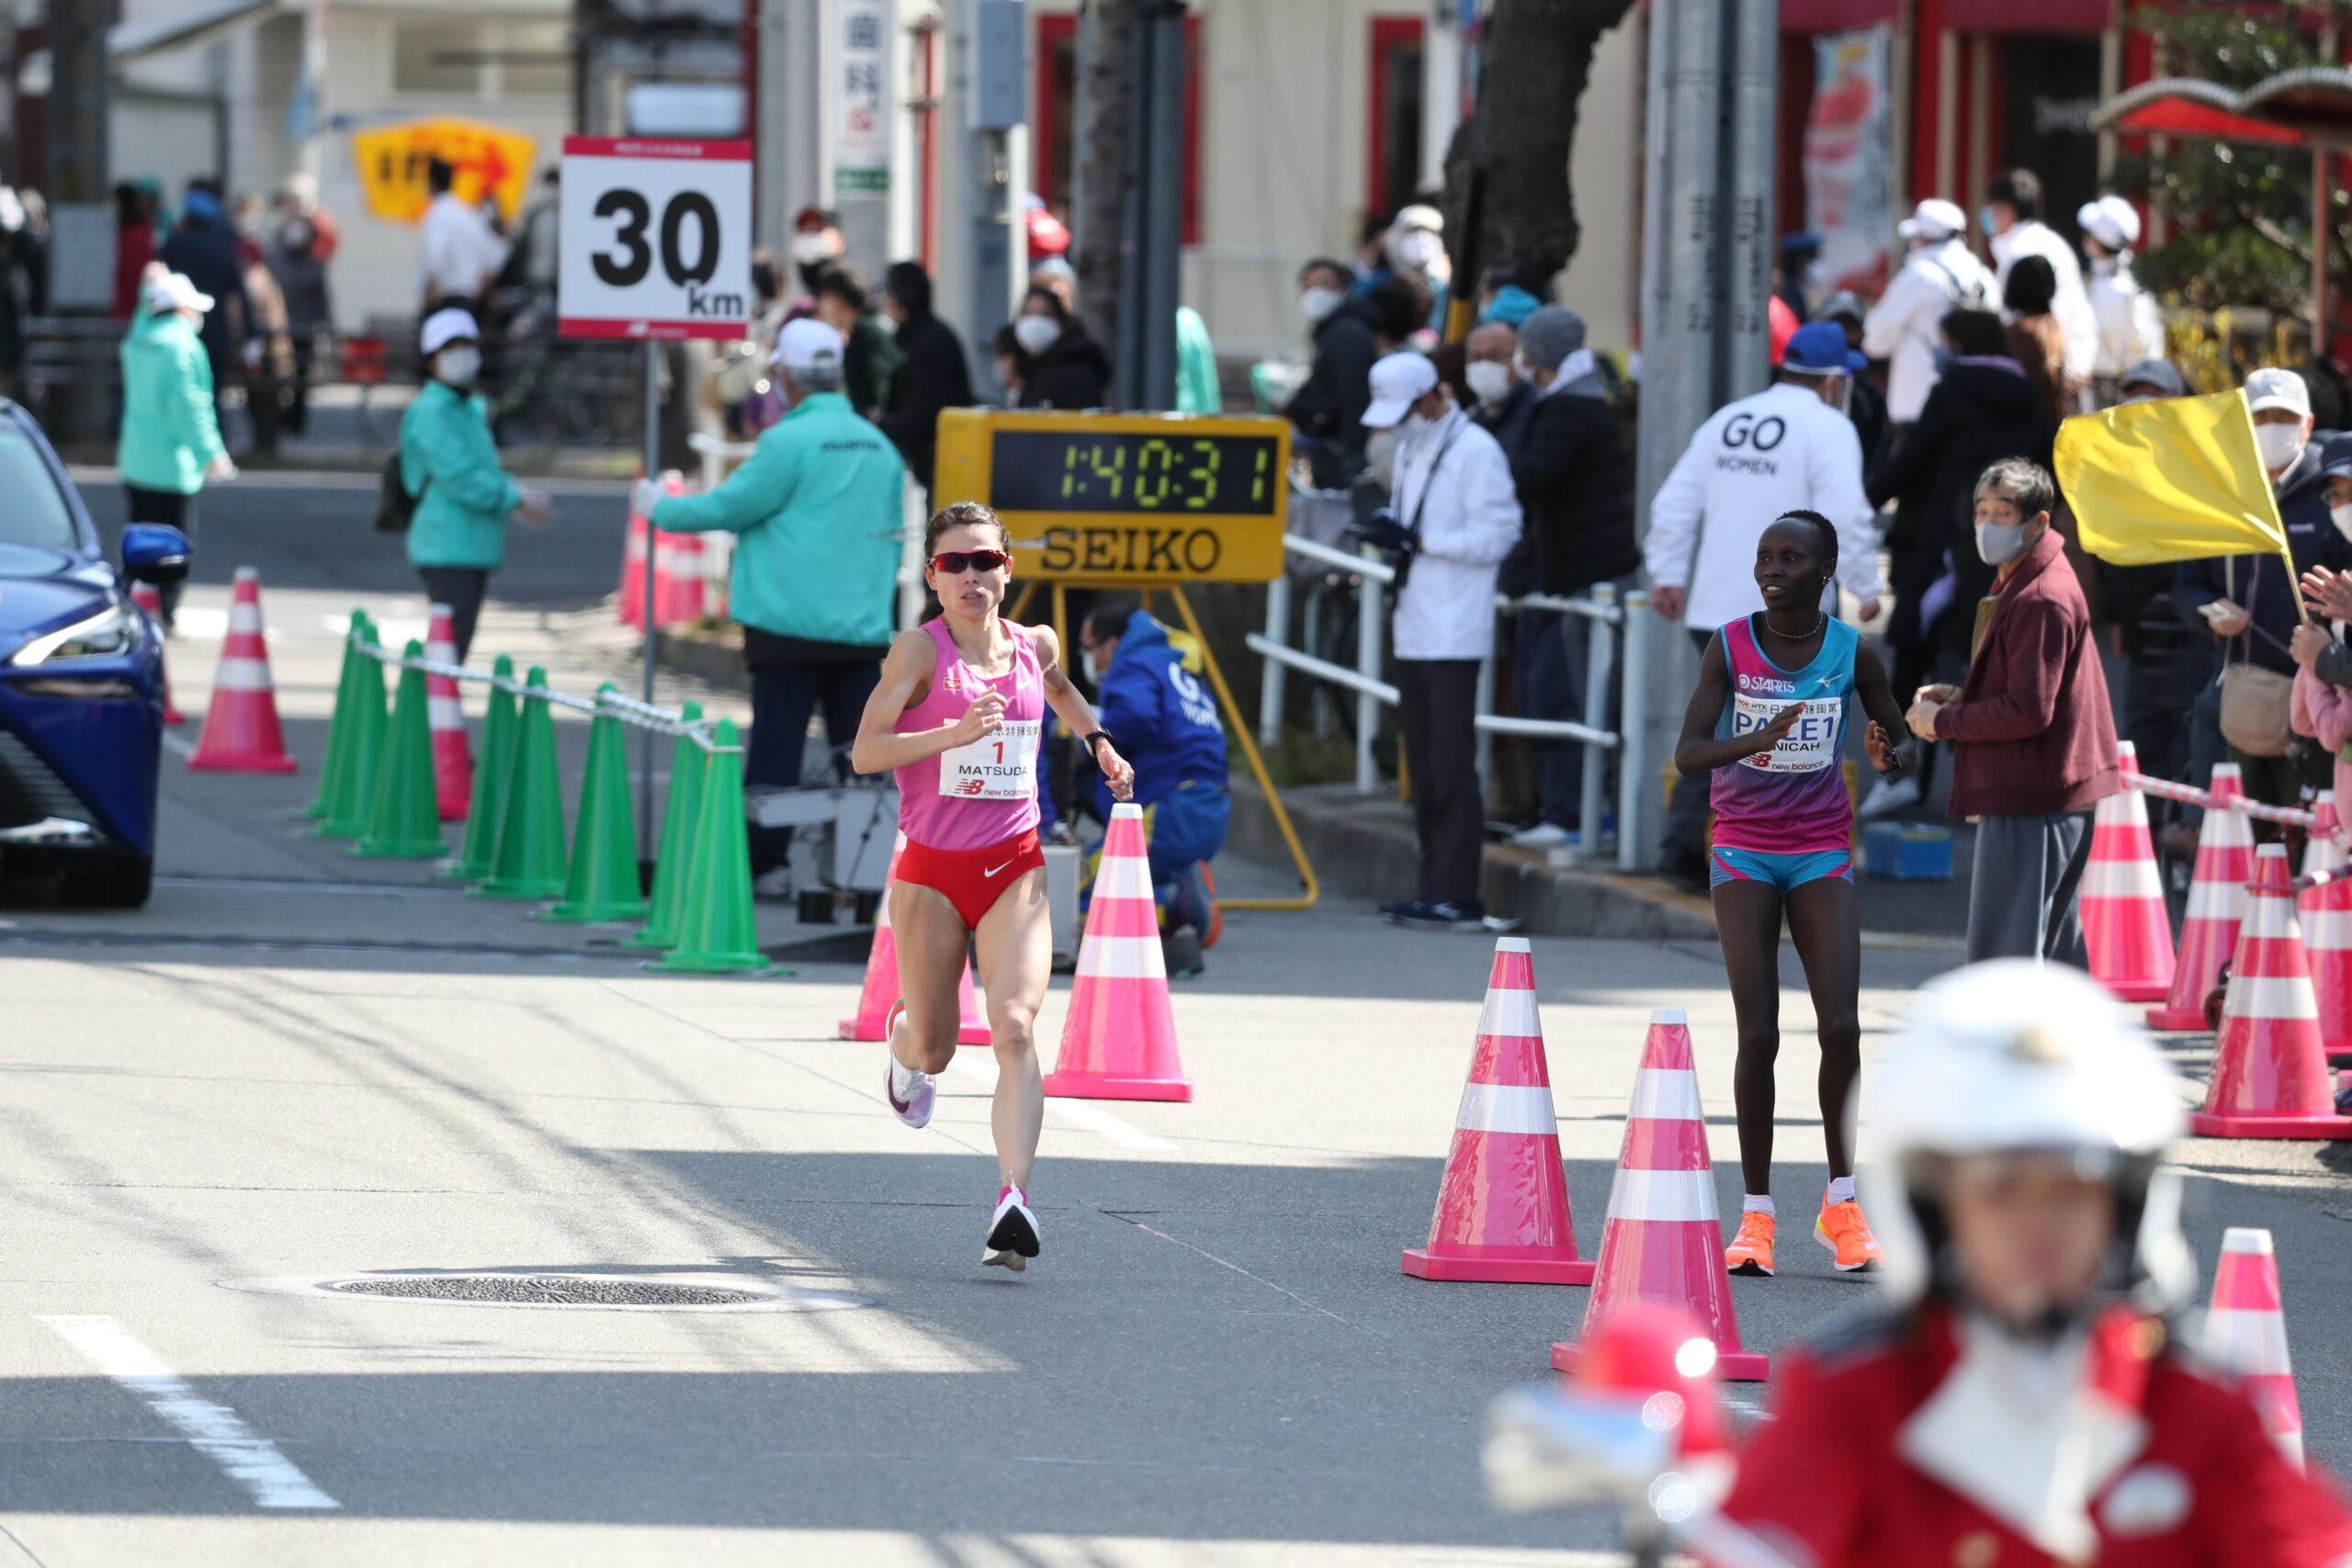 悪条件でも強さを発揮した松田瑞生「1人になっても粘れた」/名古屋ウィメンズマラソン